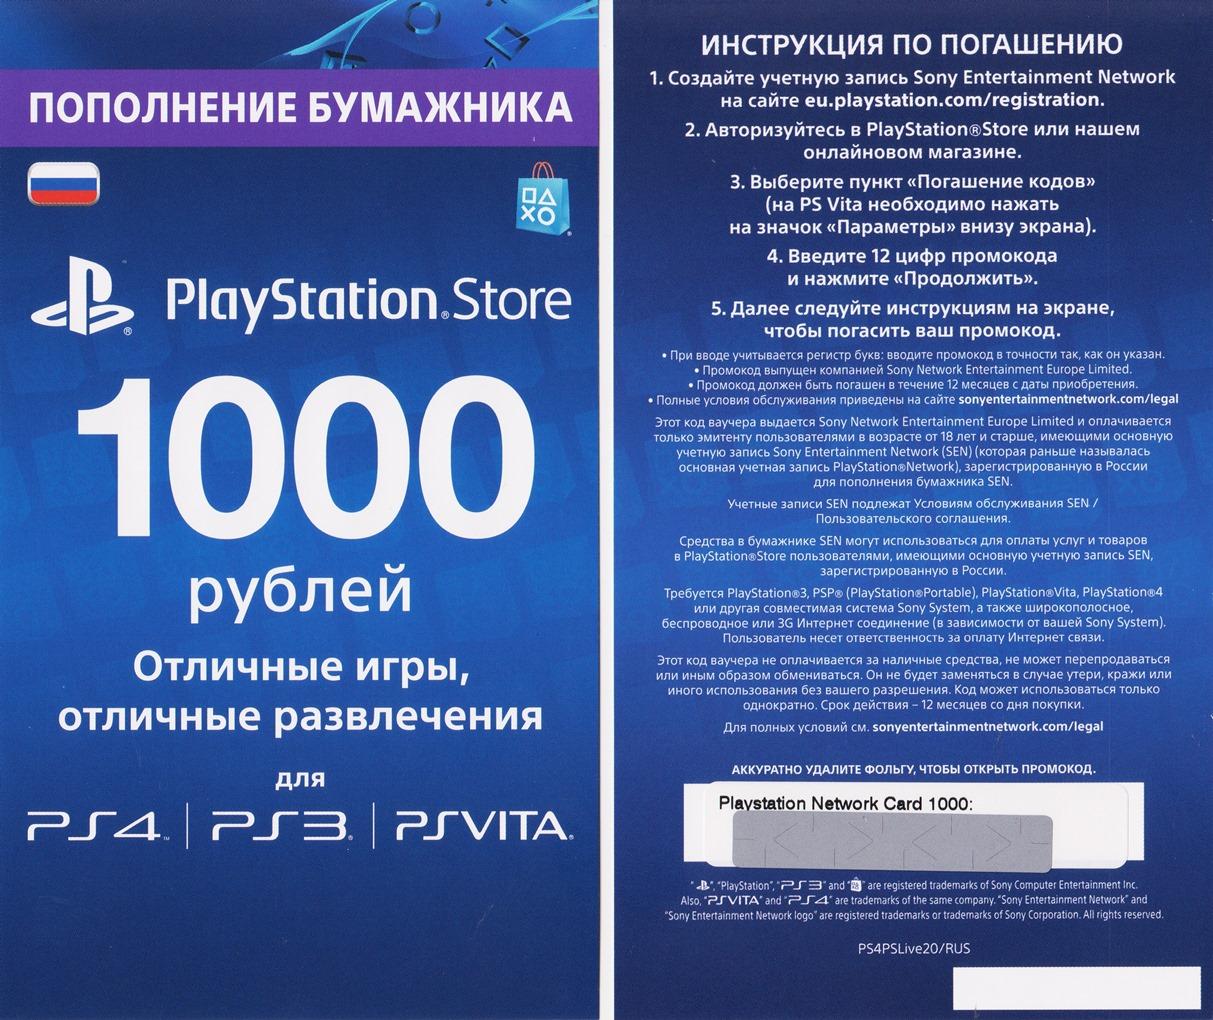 Playstation Network Psn Lihat Daftar Harga Terbaru Dan Terlengkap Card Singapore Credit 50 Sgd Rus 1000 Rubles Photo